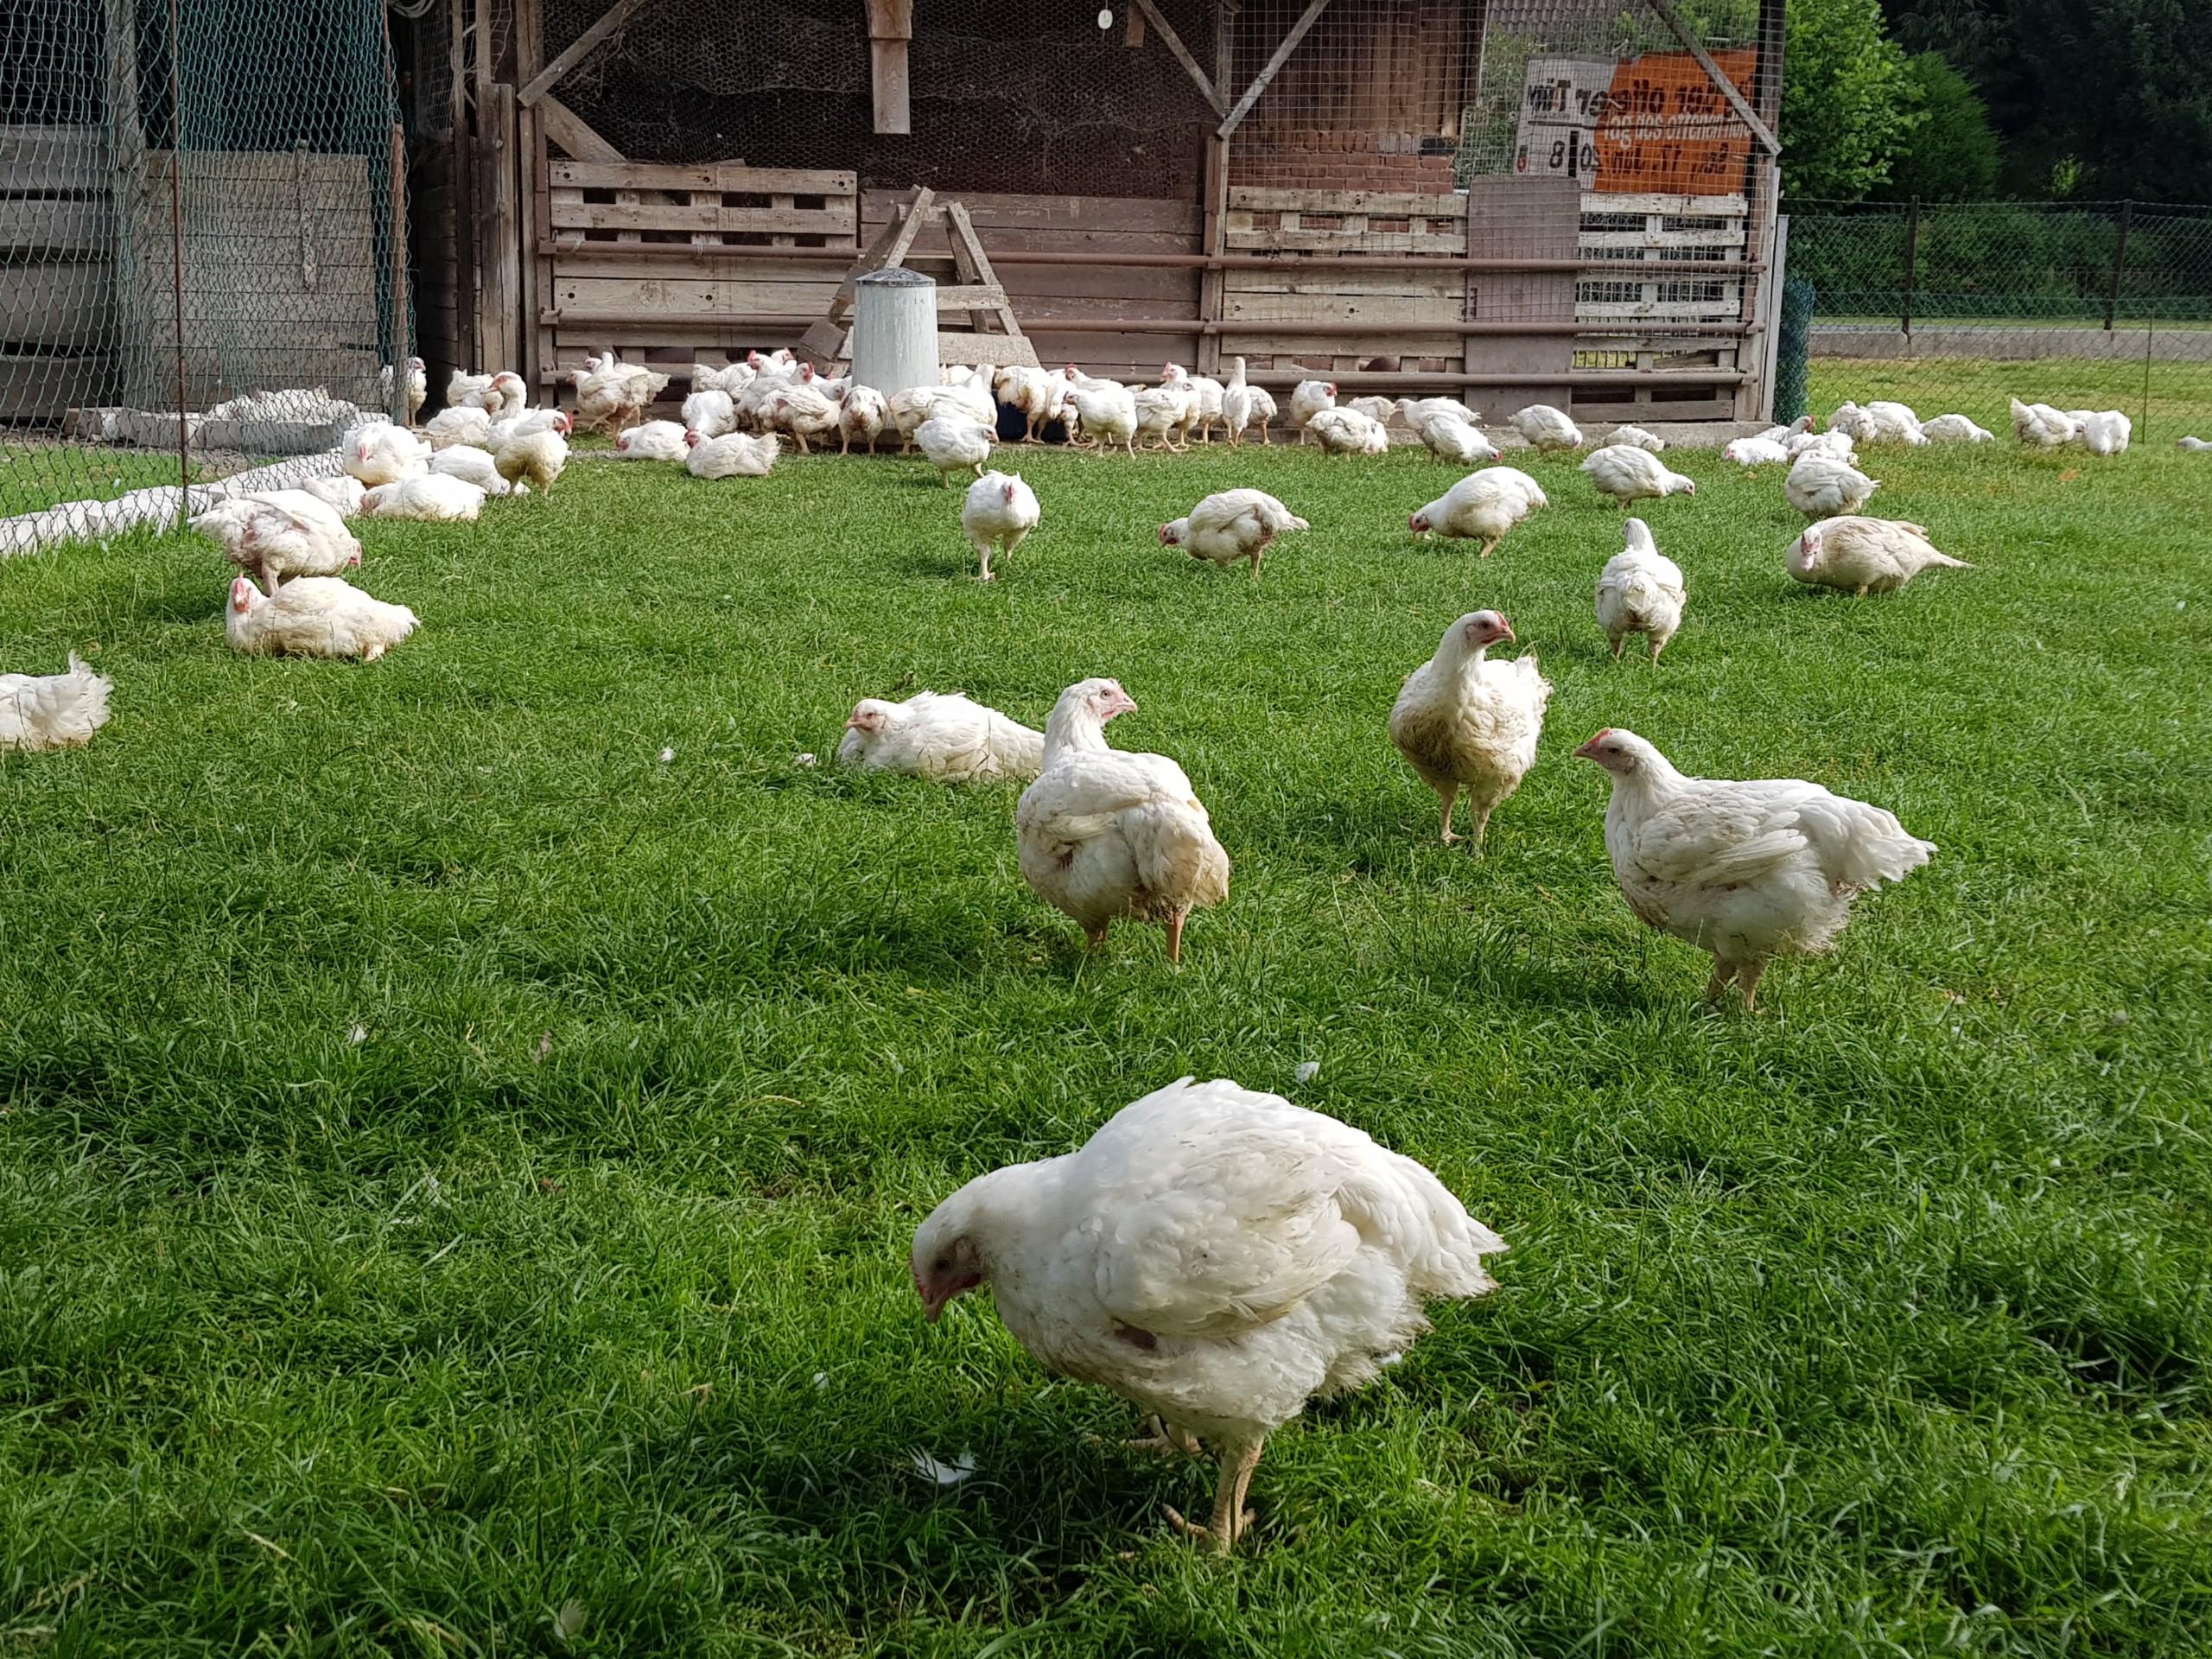 Homanns Hoferzeugnisse: Hähnchen in Freilandhaltung